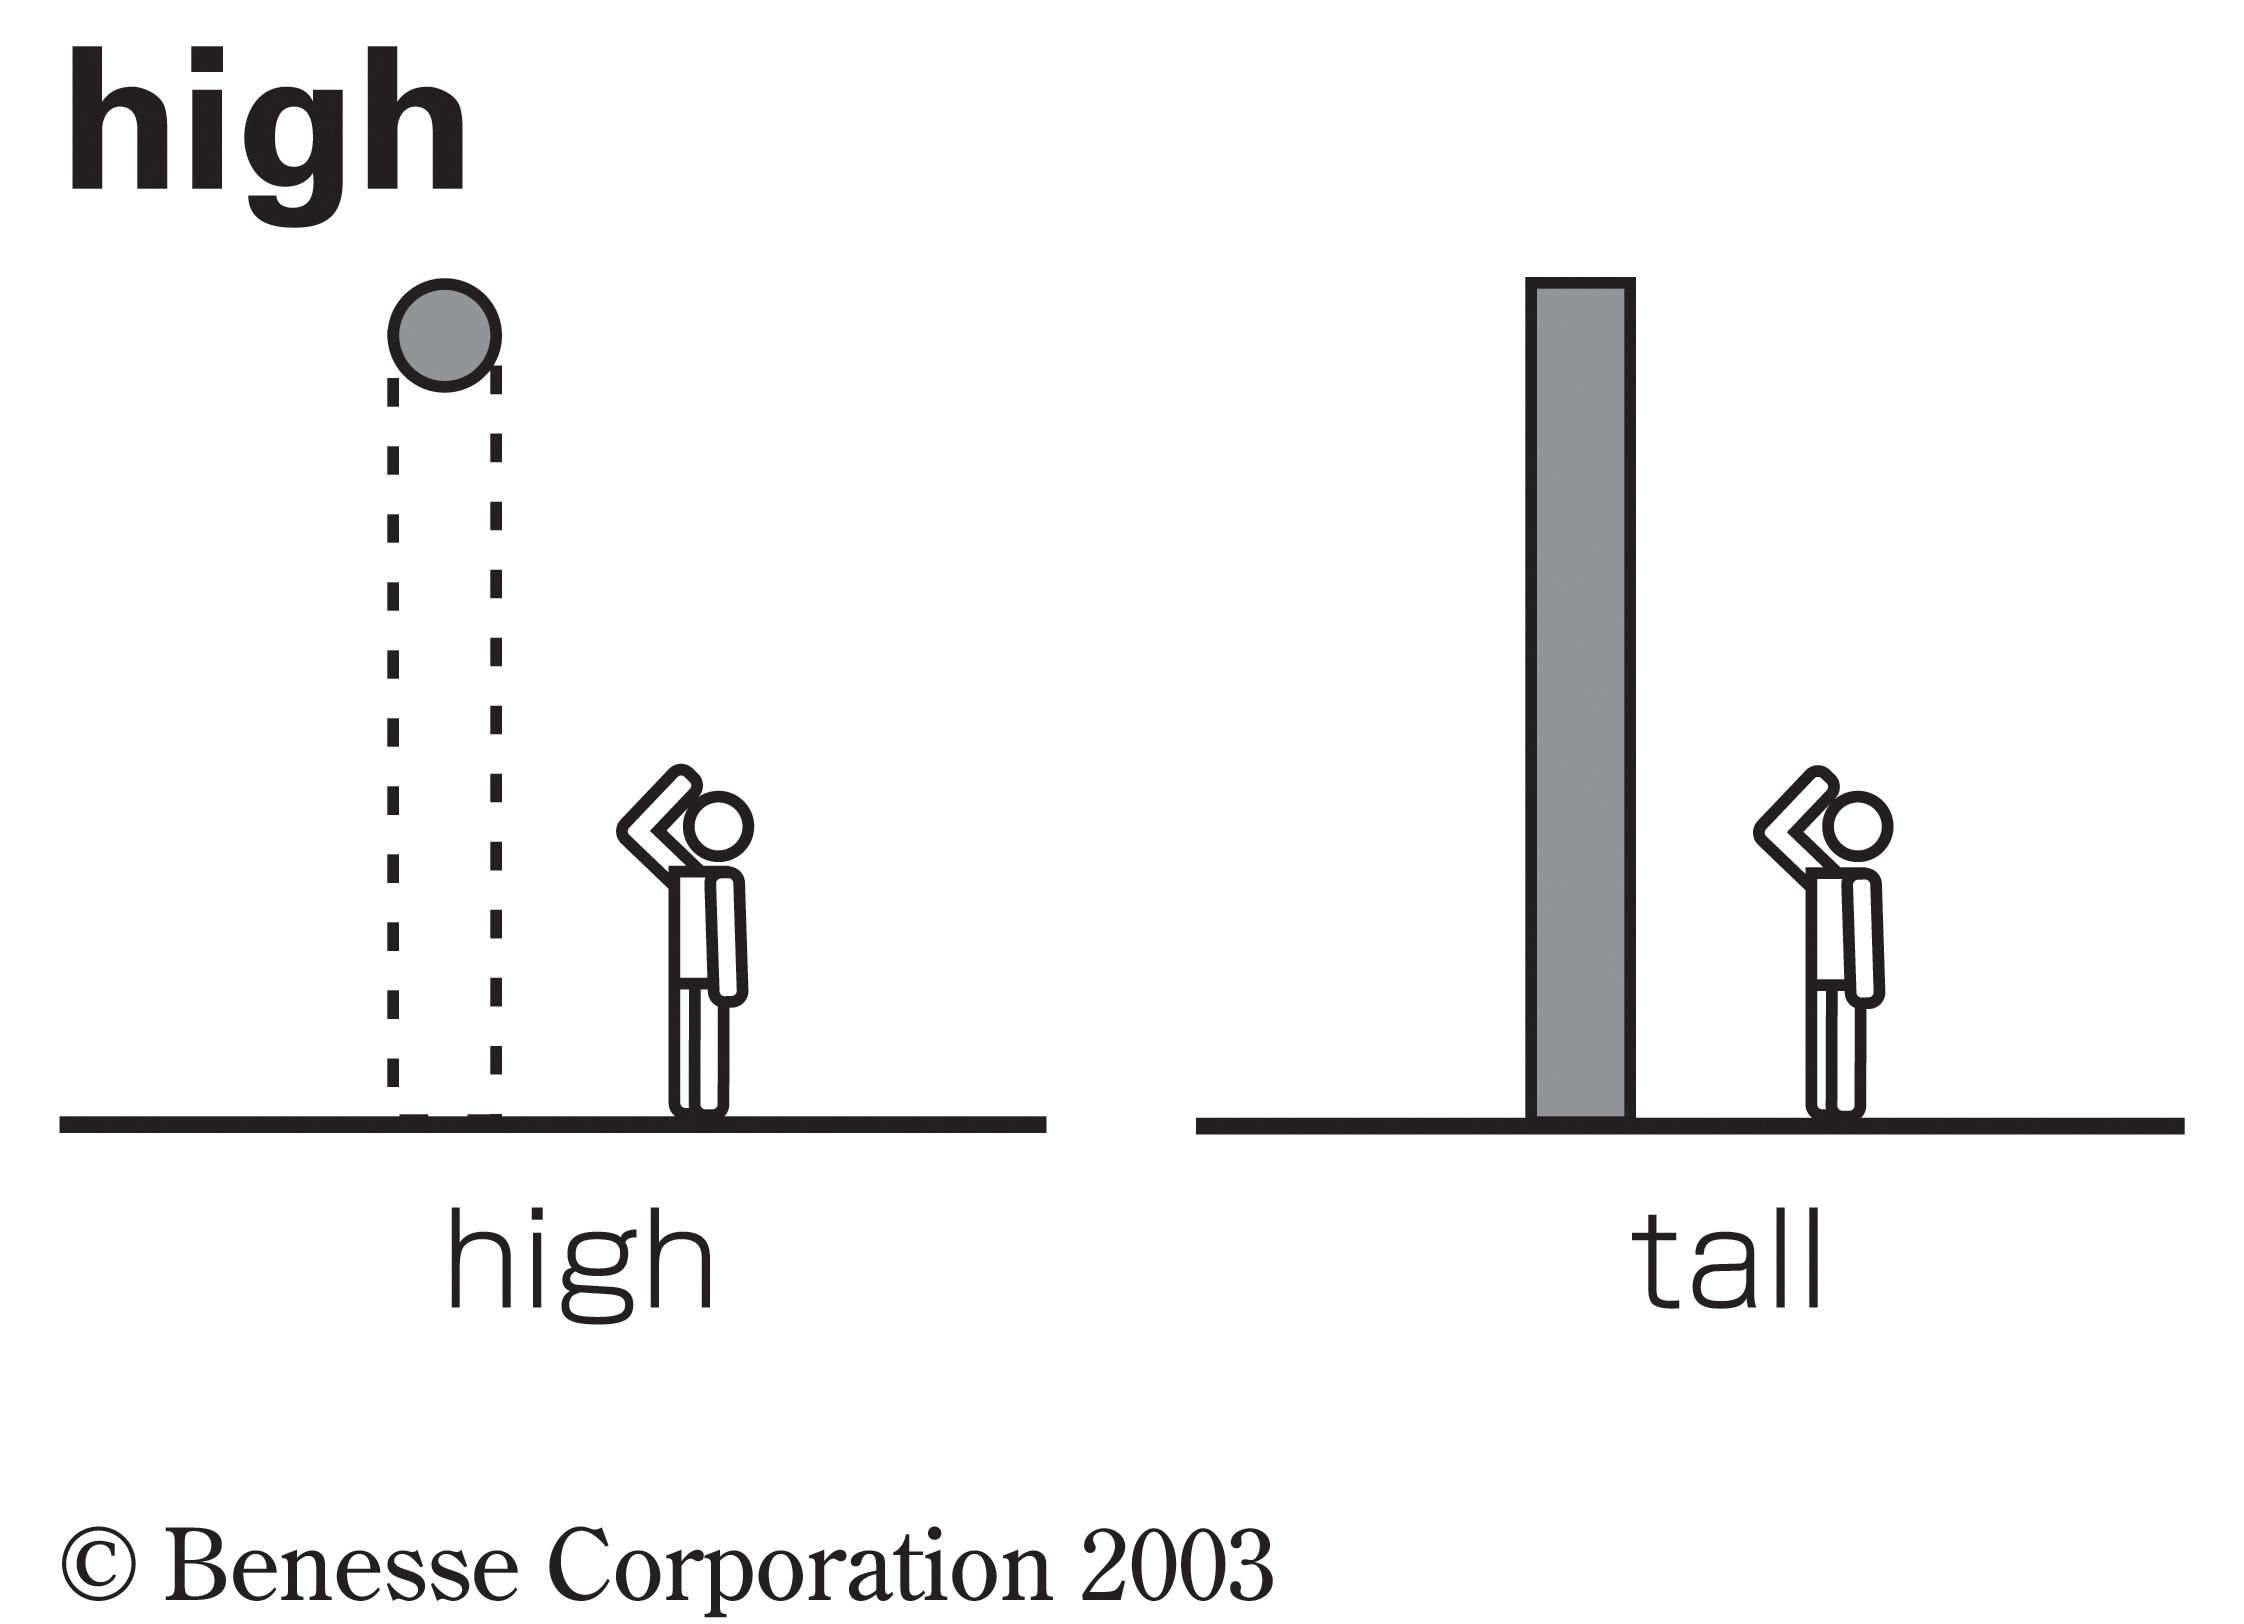 high01.jpg